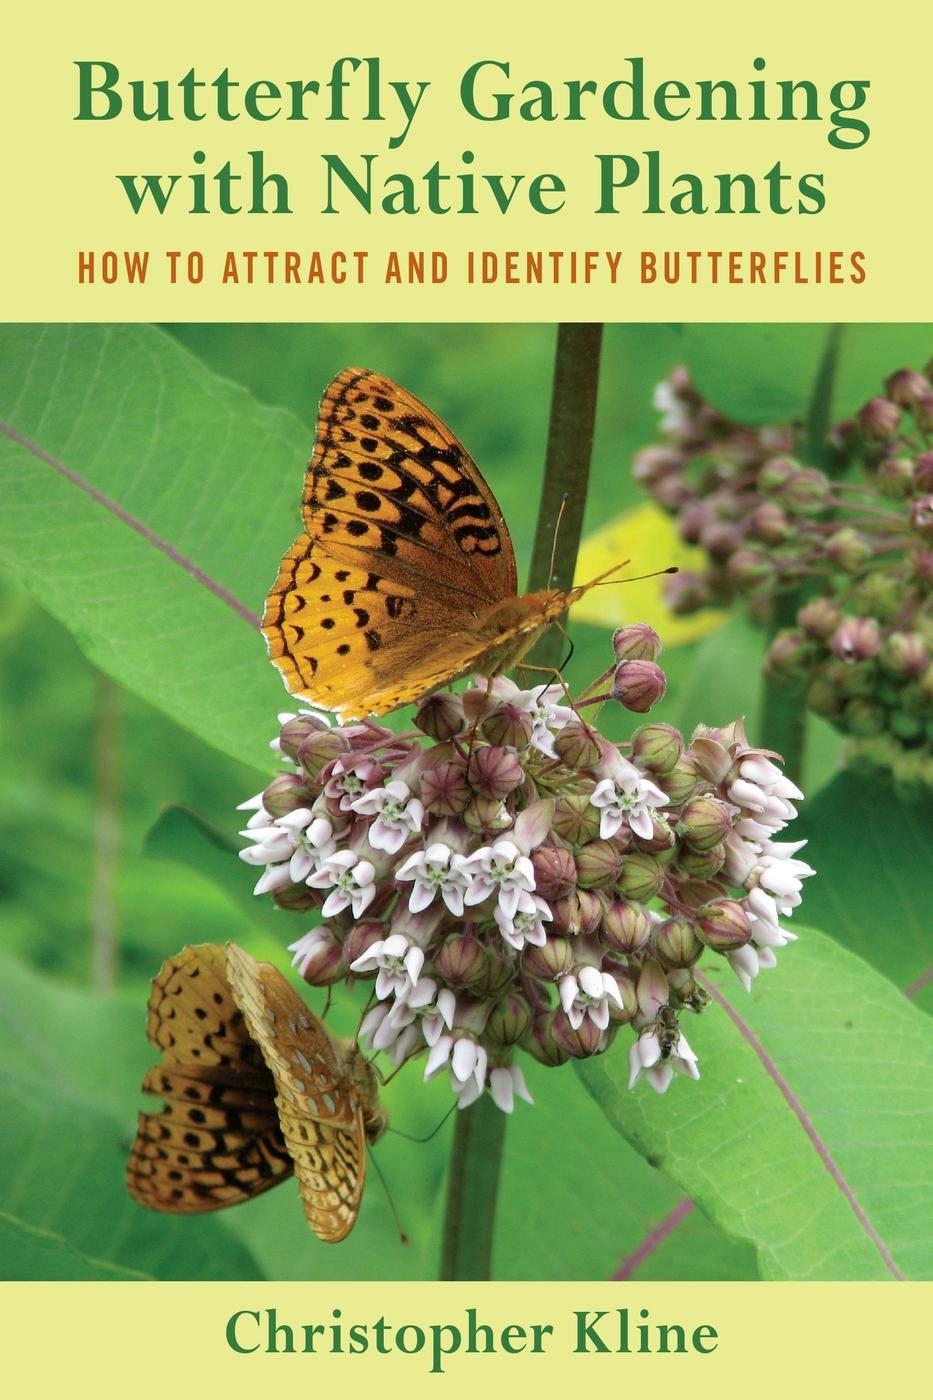 new+bfly+gardening+book.jpg